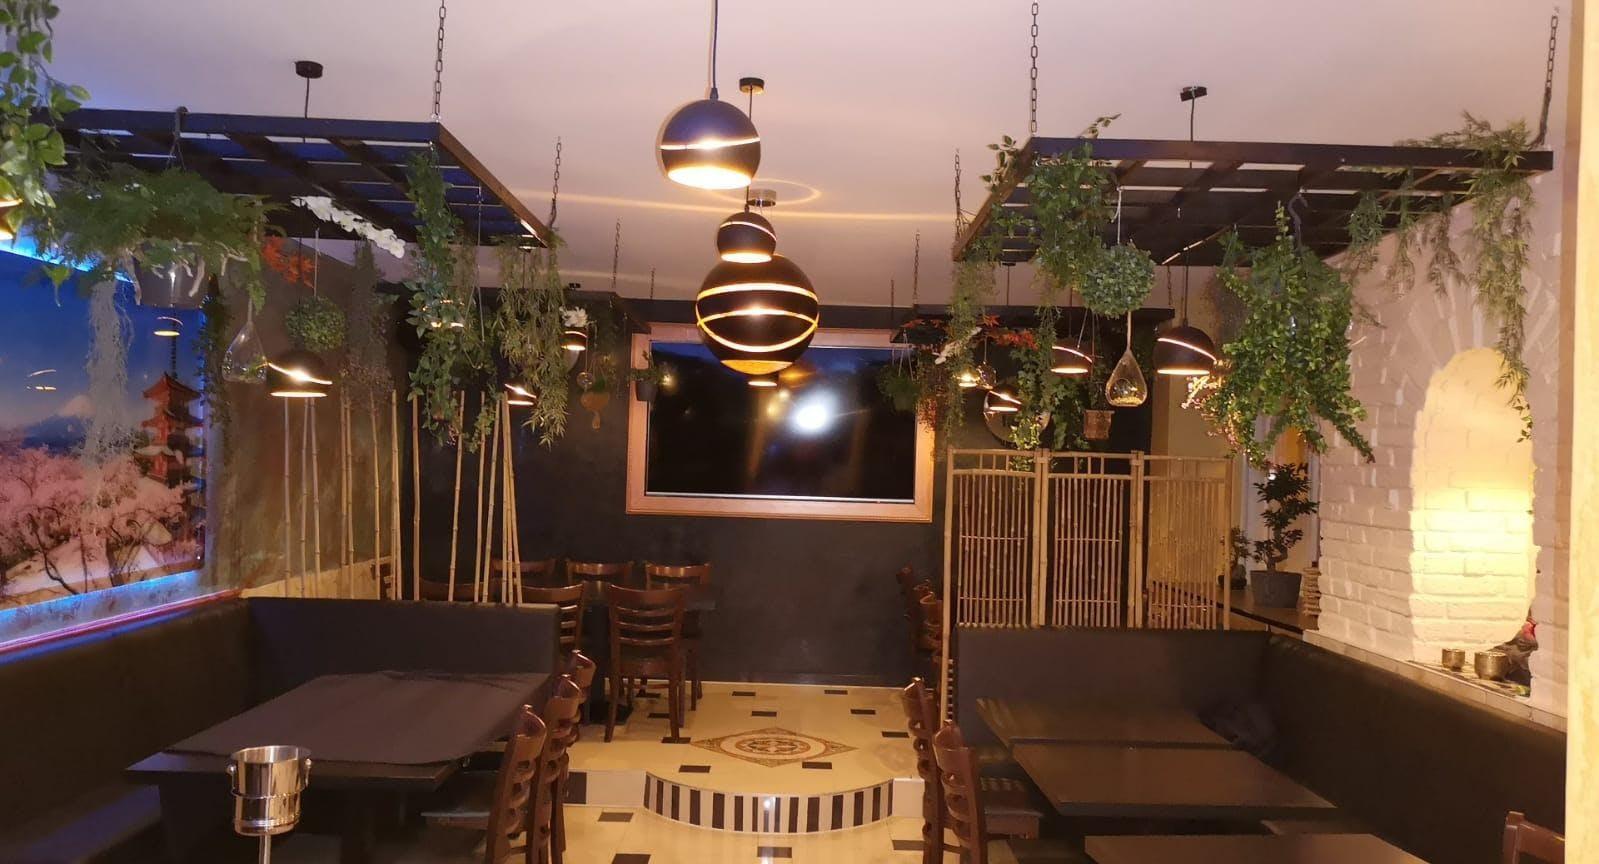 Tanoshii 2 Köln image 2